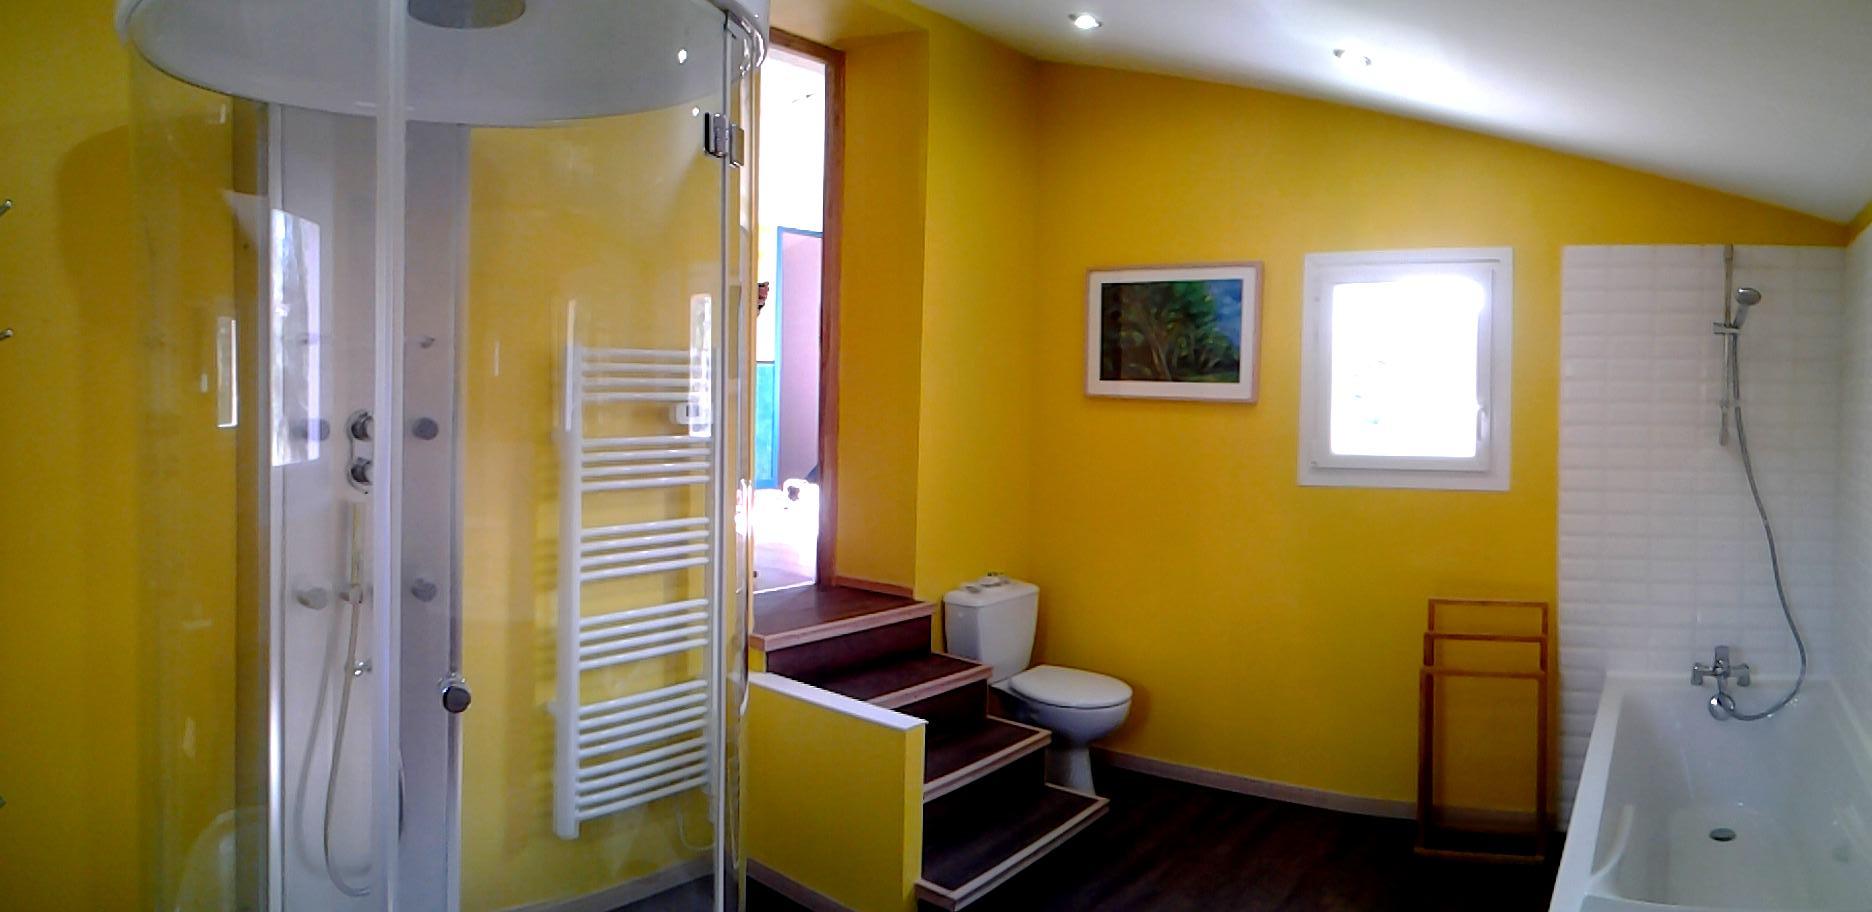 Vacances villa saint raphael piscine var for Chambre de commerce saint raphael